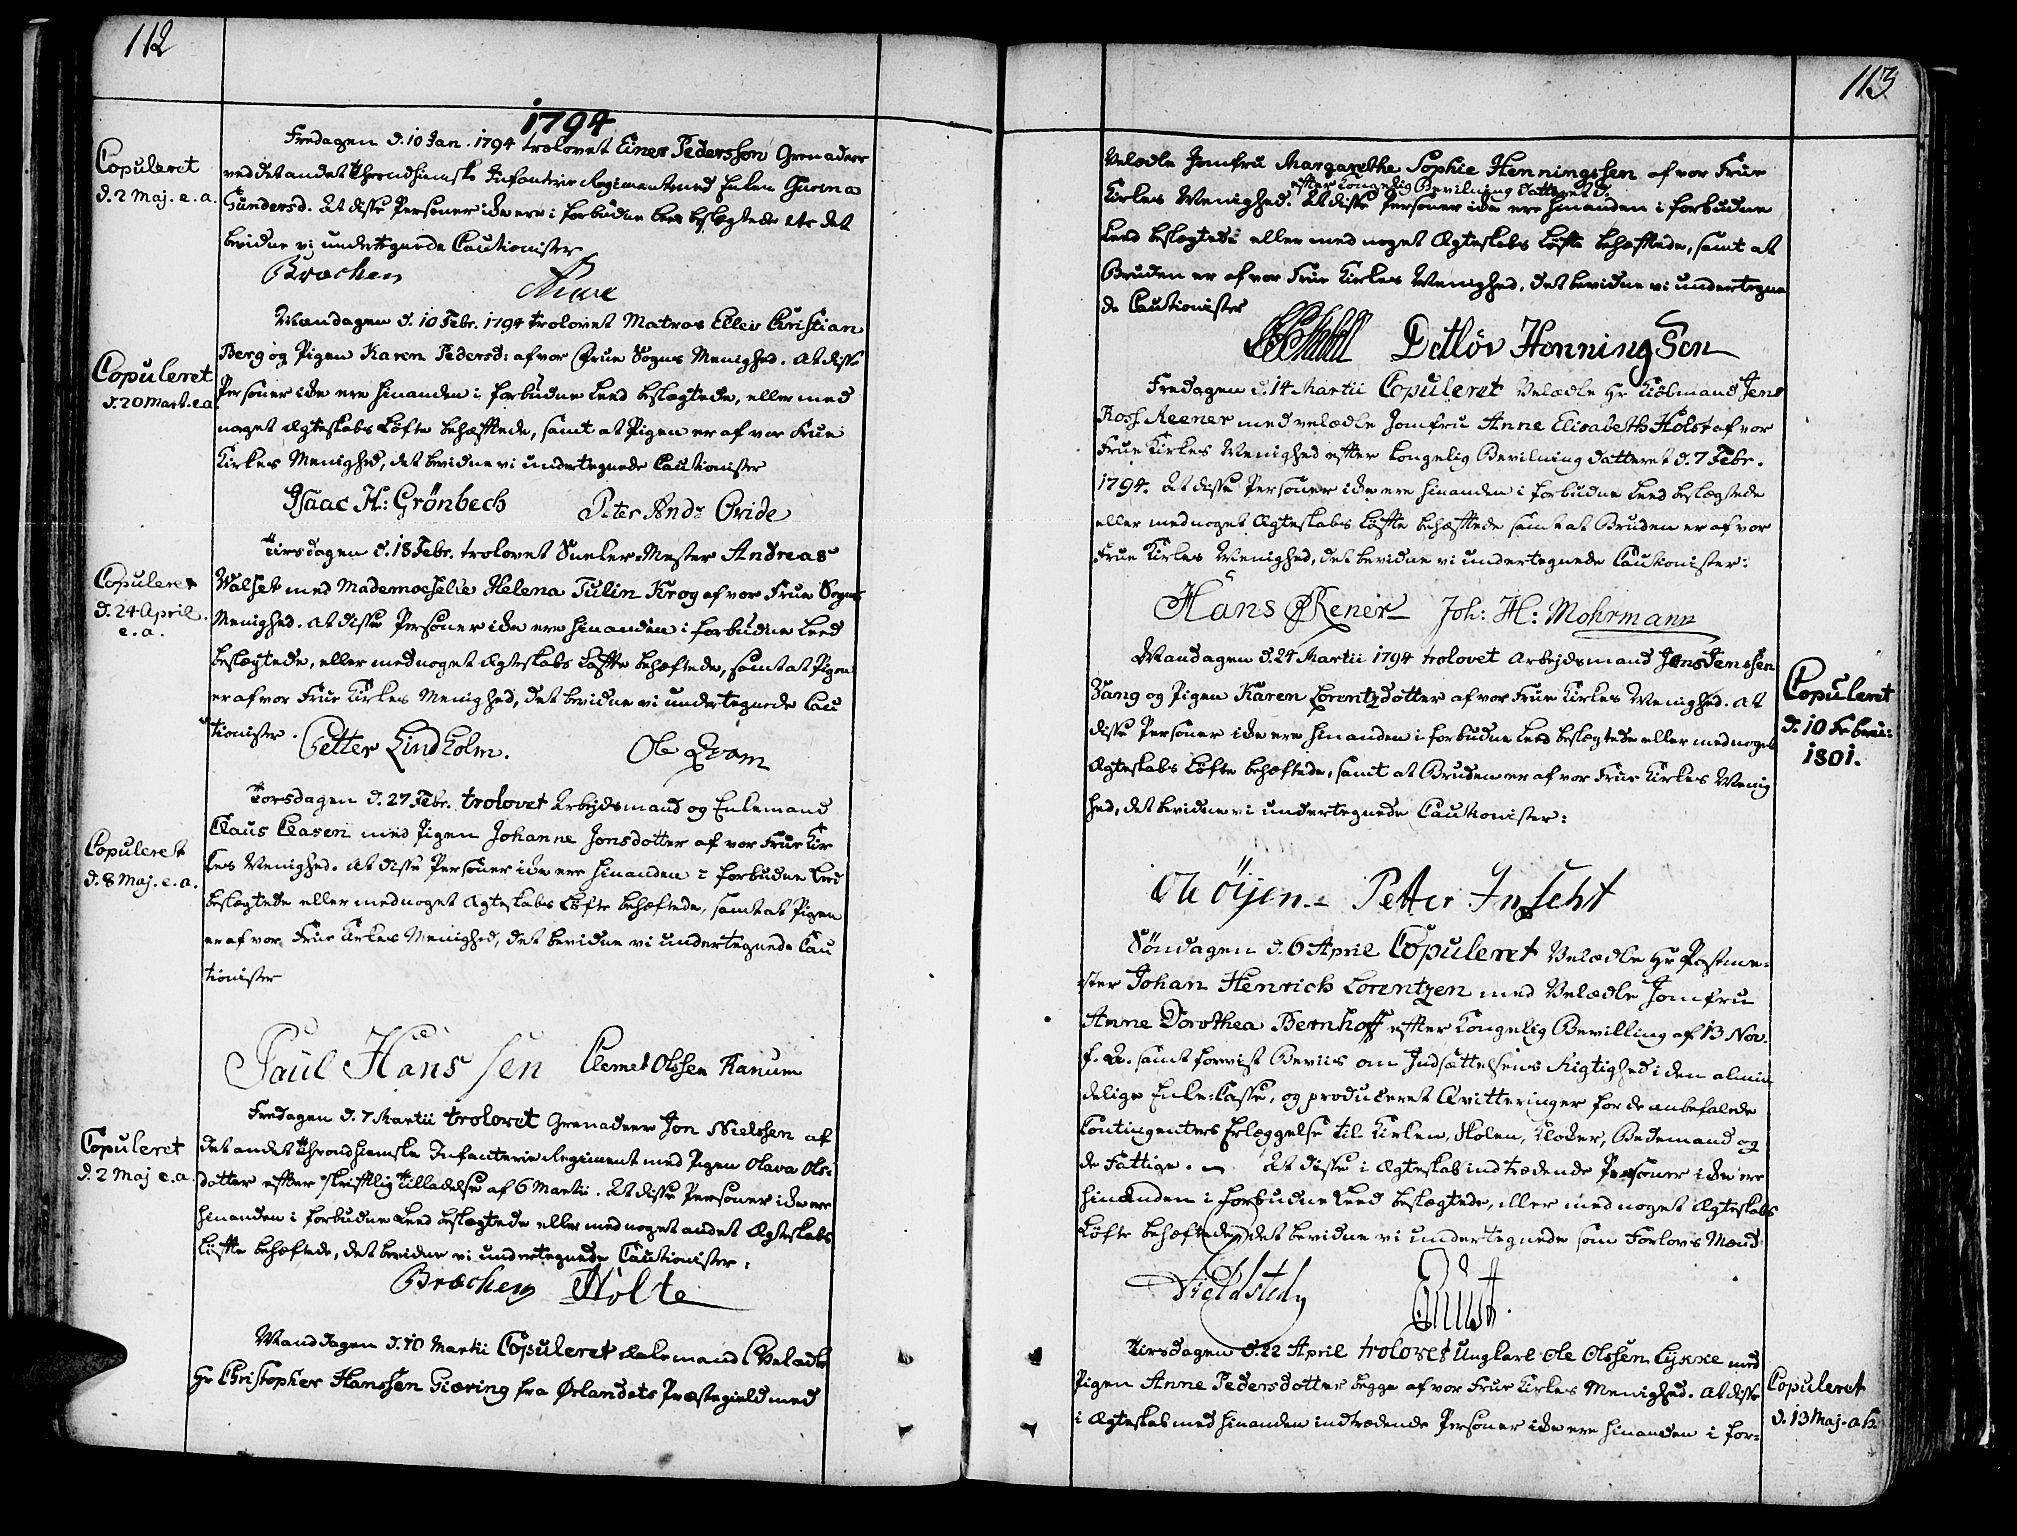 SAT, Ministerialprotokoller, klokkerbøker og fødselsregistre - Sør-Trøndelag, 602/L0105: Ministerialbok nr. 602A03, 1774-1814, s. 112-113